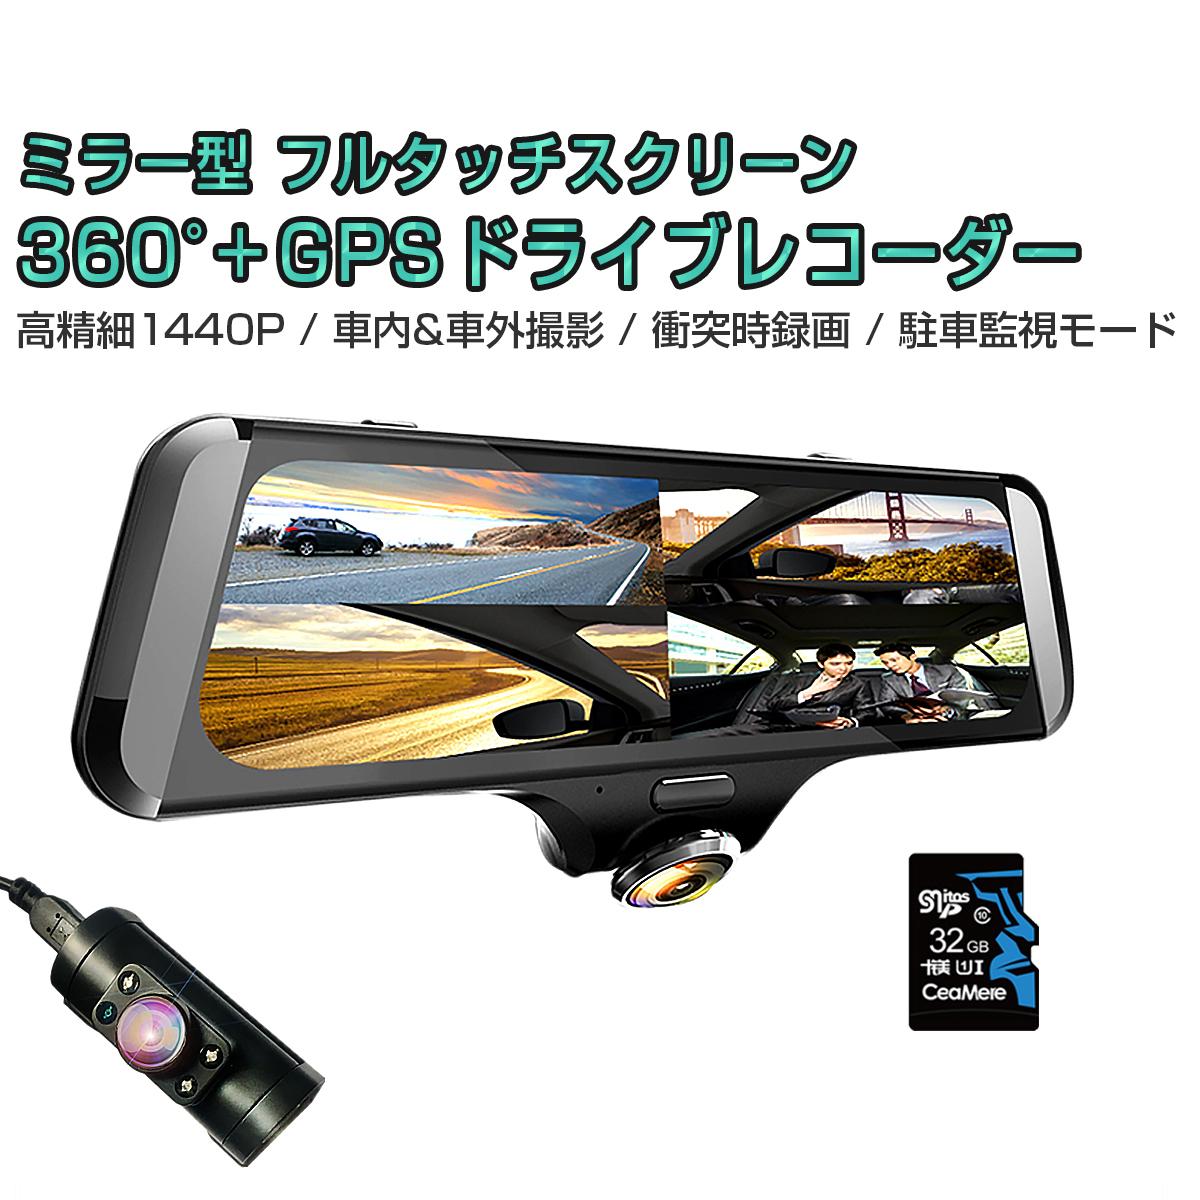 2020年モデル 360度ドライブレコーダー 前後カメラ ミラー型 GPS搭載 SDカード32GB同梱モデル あおり運転対策 2K 高精細1440P 400万画素 10インチ タッチパネル 140度 広角 バックカメラ 車内 車外 常時録画 衝撃録画 3ヶ月保証 K&M